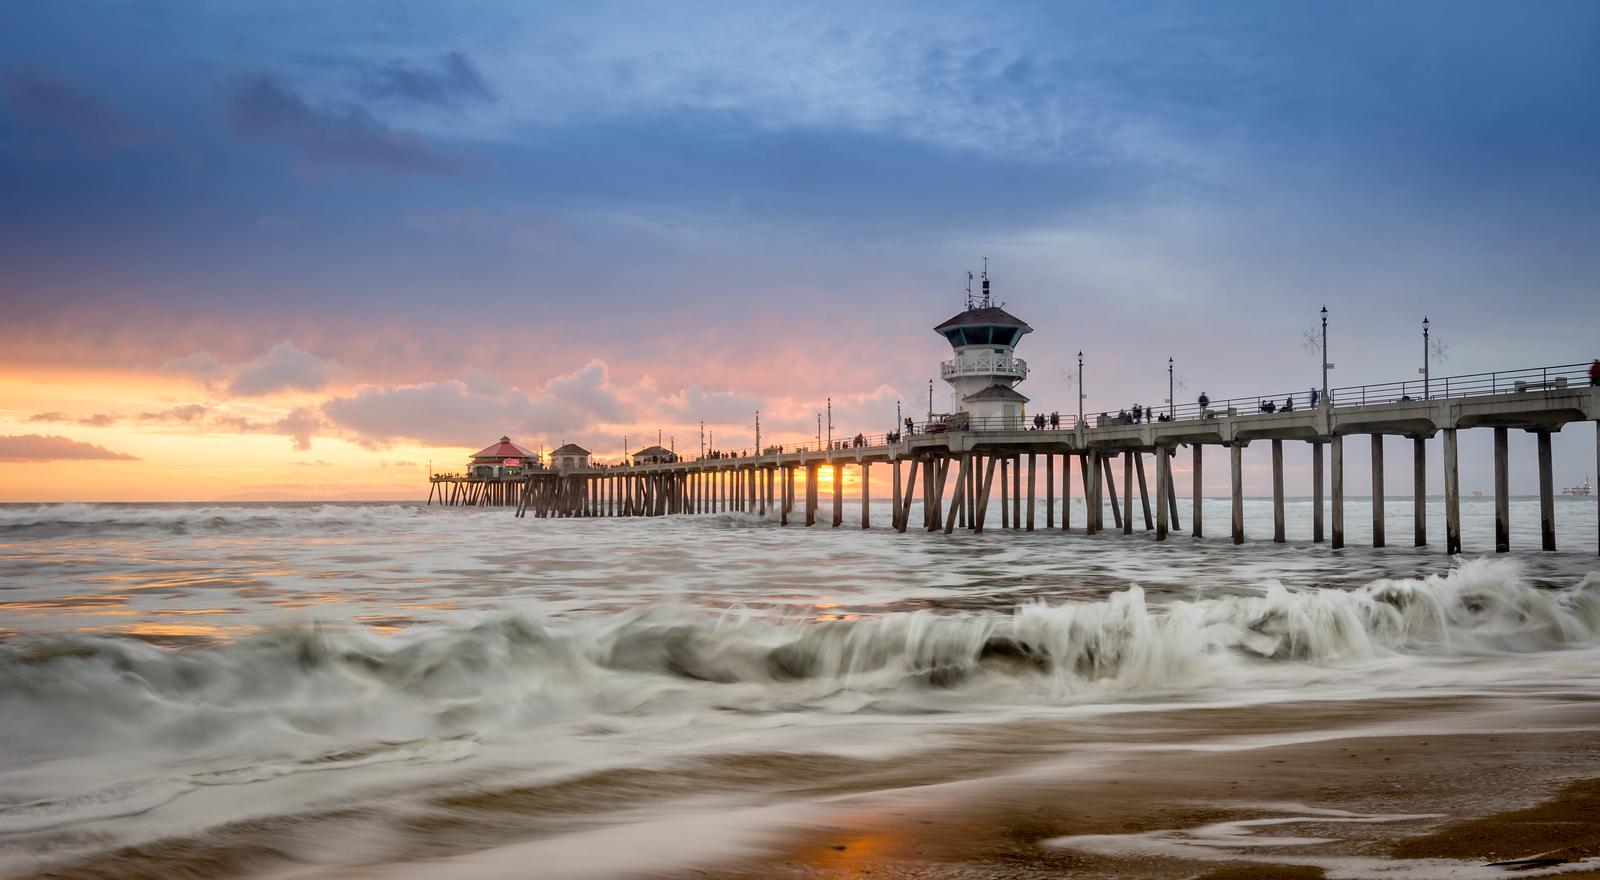 The Motion of the Ocean - Huntington Beach, CA, USA